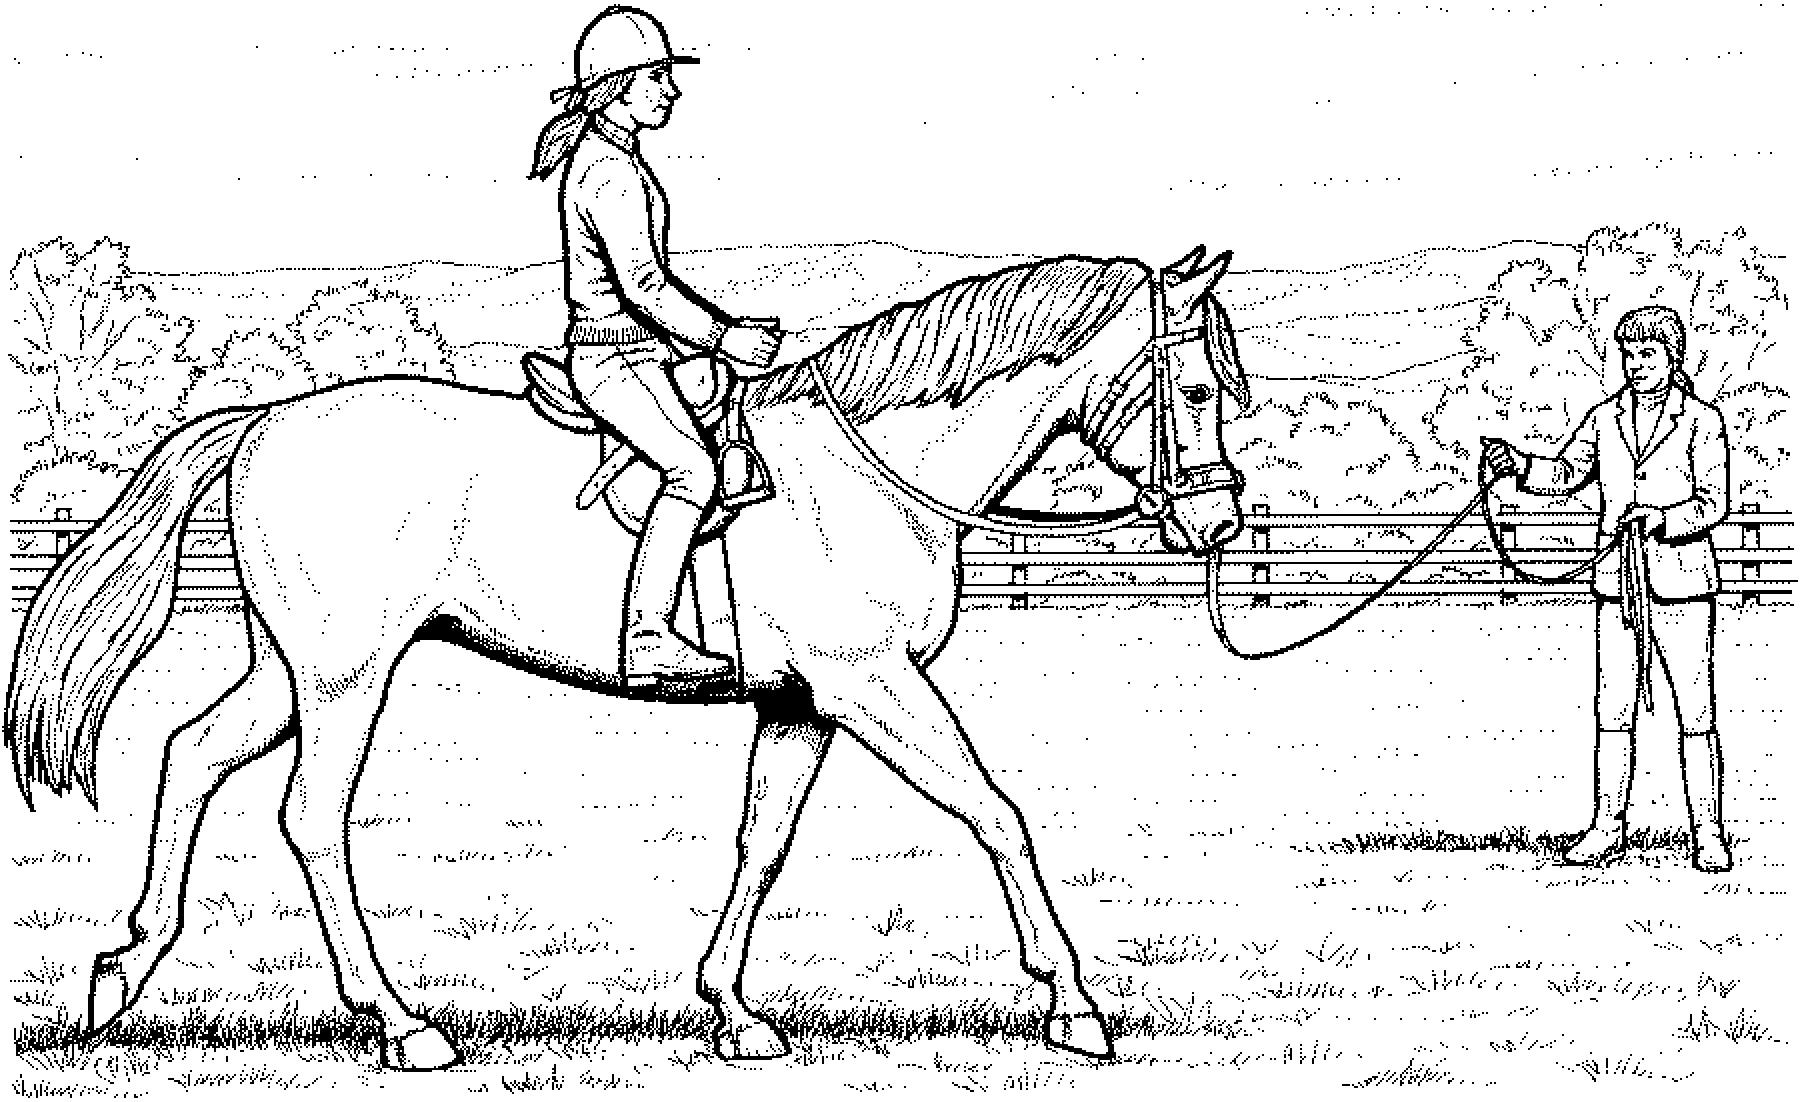 Ausmalbilder pferde mit reiterin ausmalbilder pferde kostenlos ausmalbilder pferde mit reiterin ausmalbilder pferde kostenlos zum ausdrucken altavistaventures Image collections